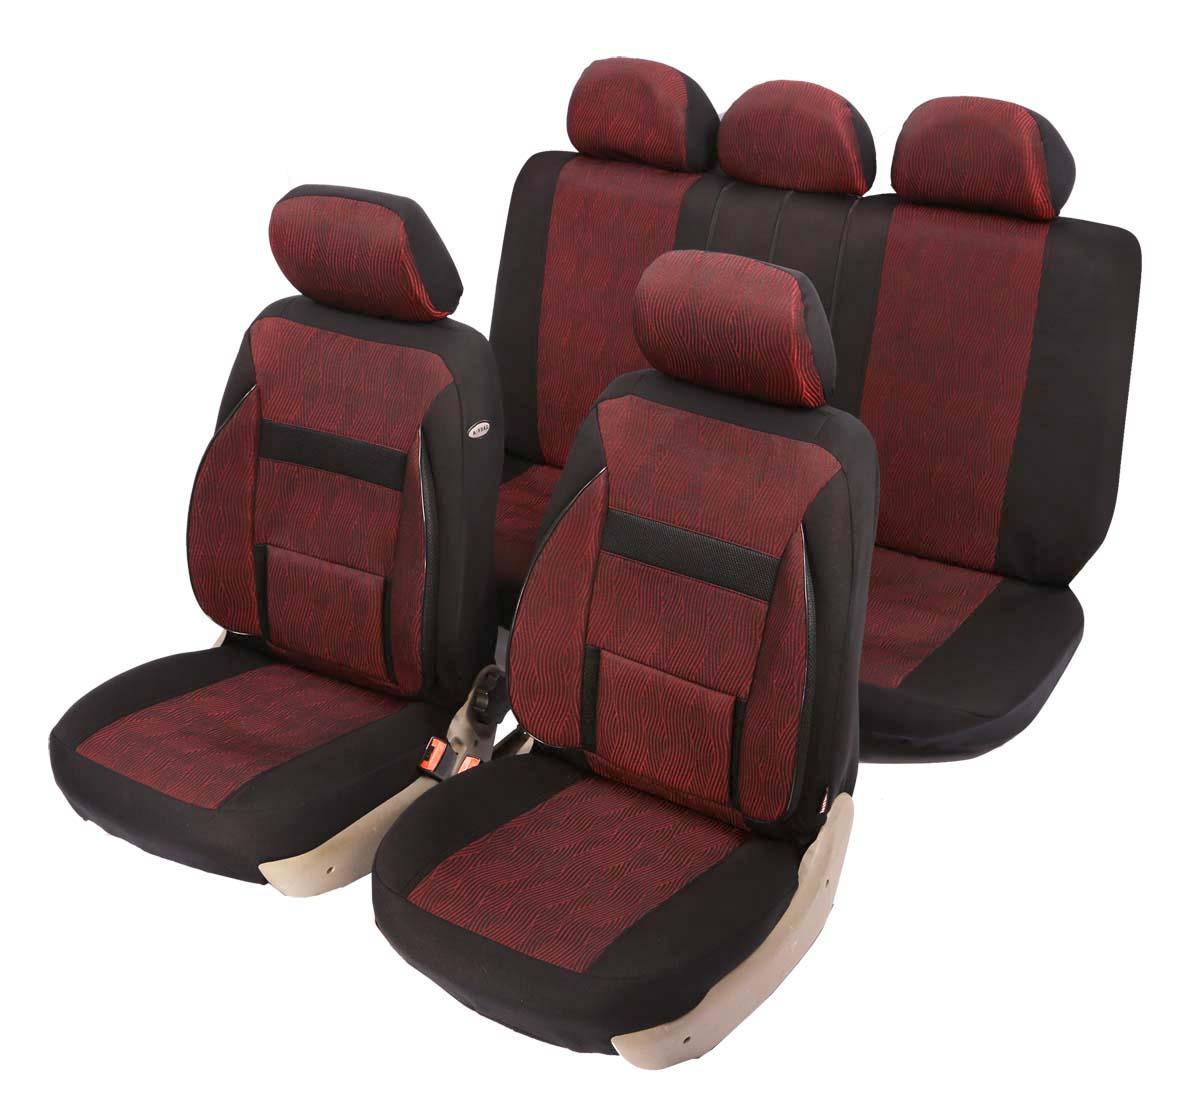 """Чехол на автомобильное кресло универсальный Senator """"NEW Nebraska"""", размер M, ортопед.поддержка 2 уровня, 11 предметов, карман, 6 молний,"""